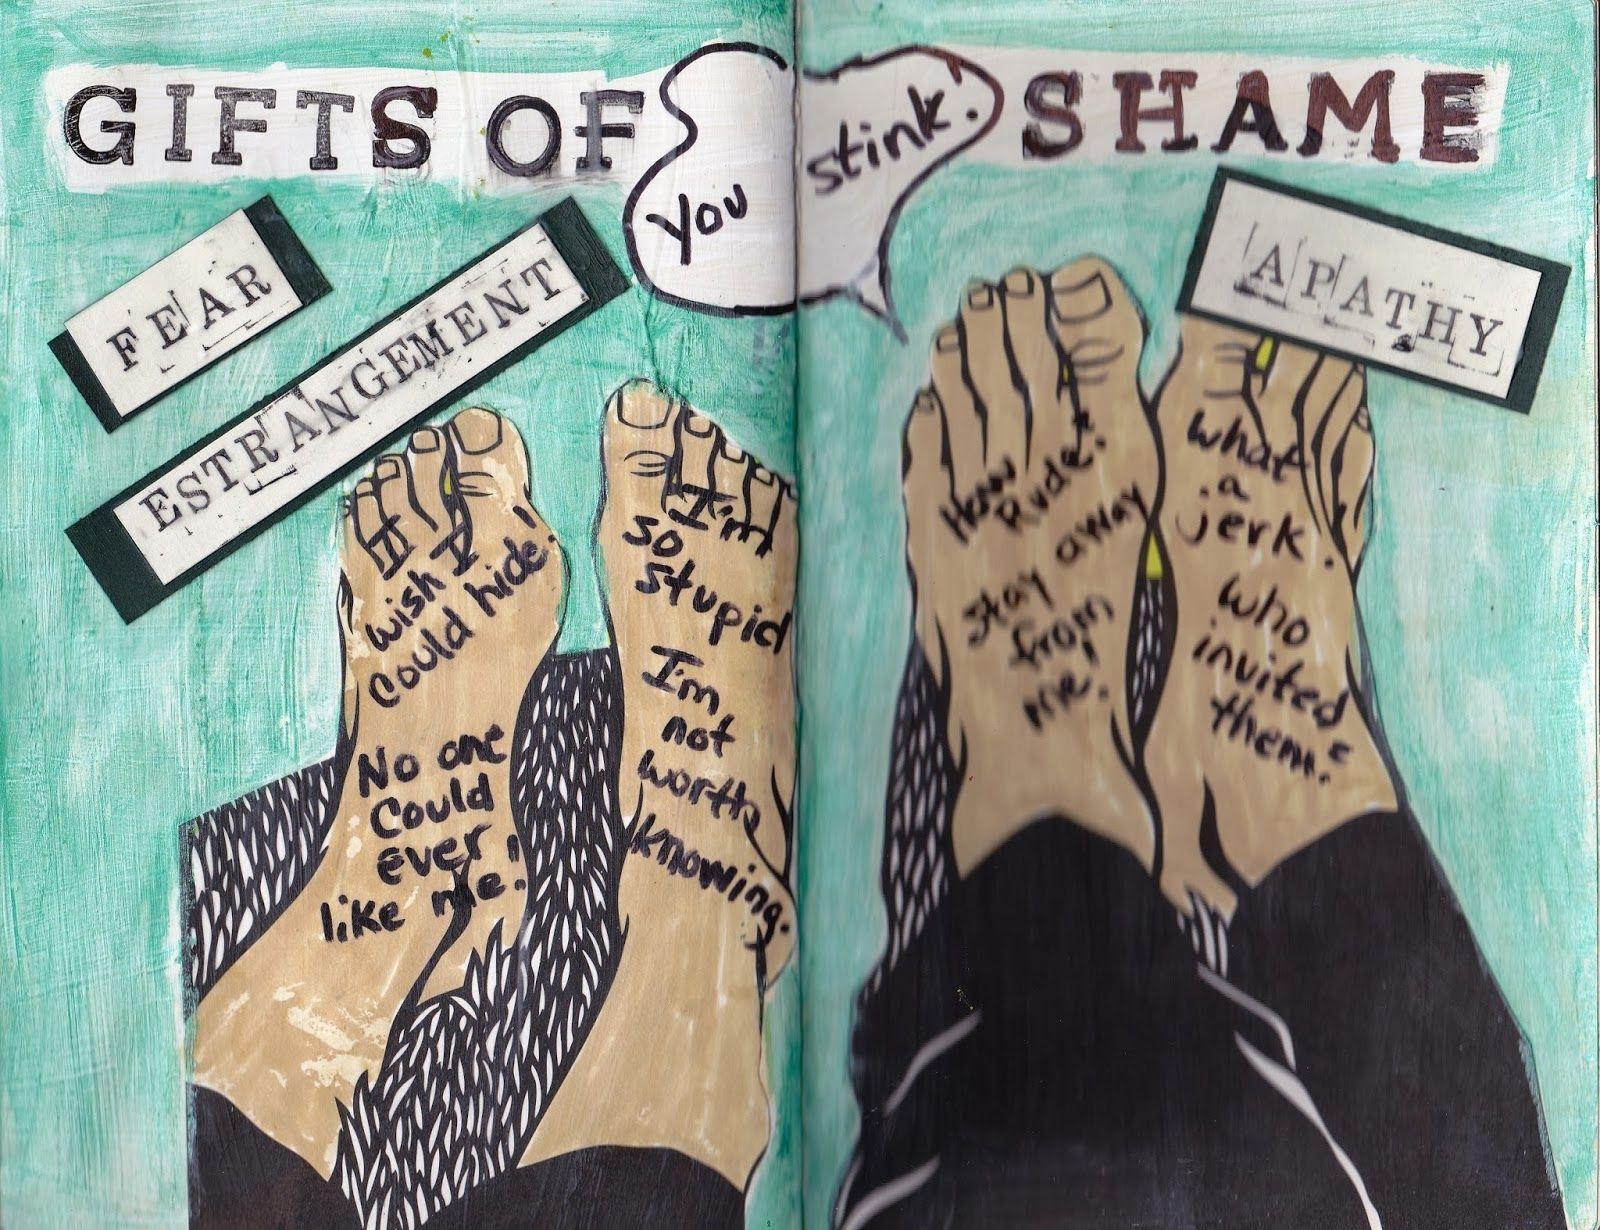 Reacting To Shame